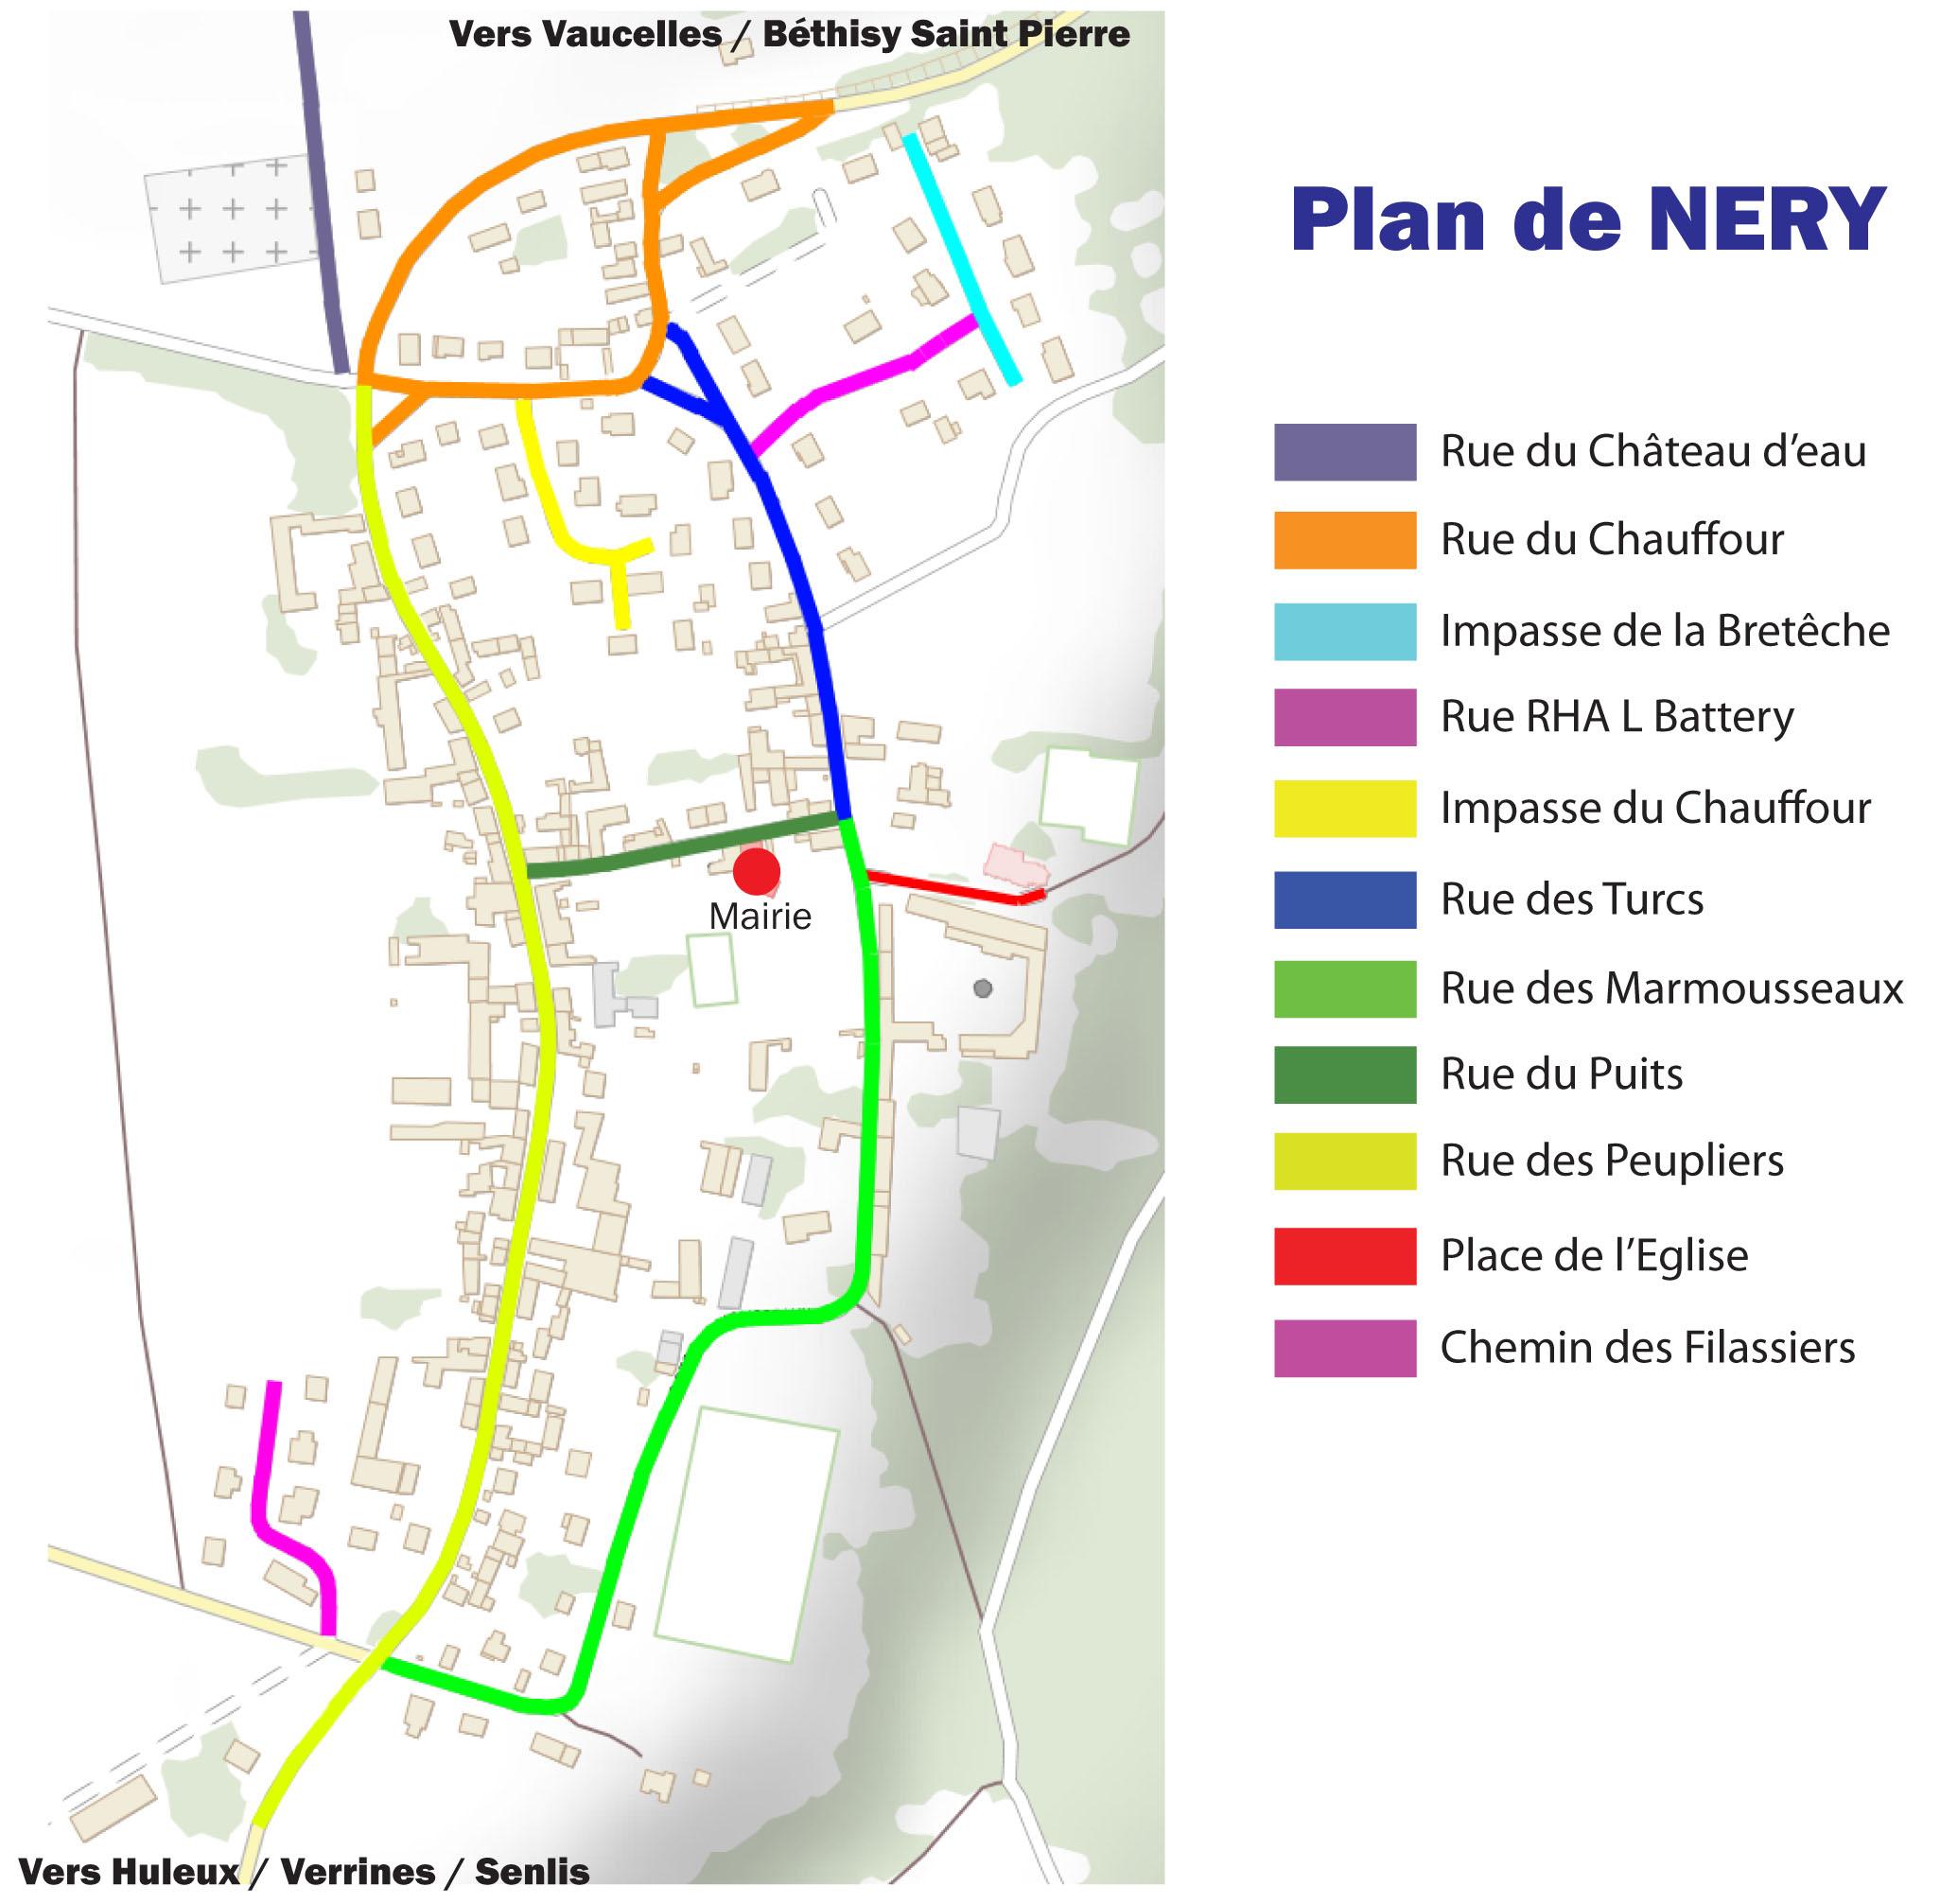 Plan de Nery.jpg